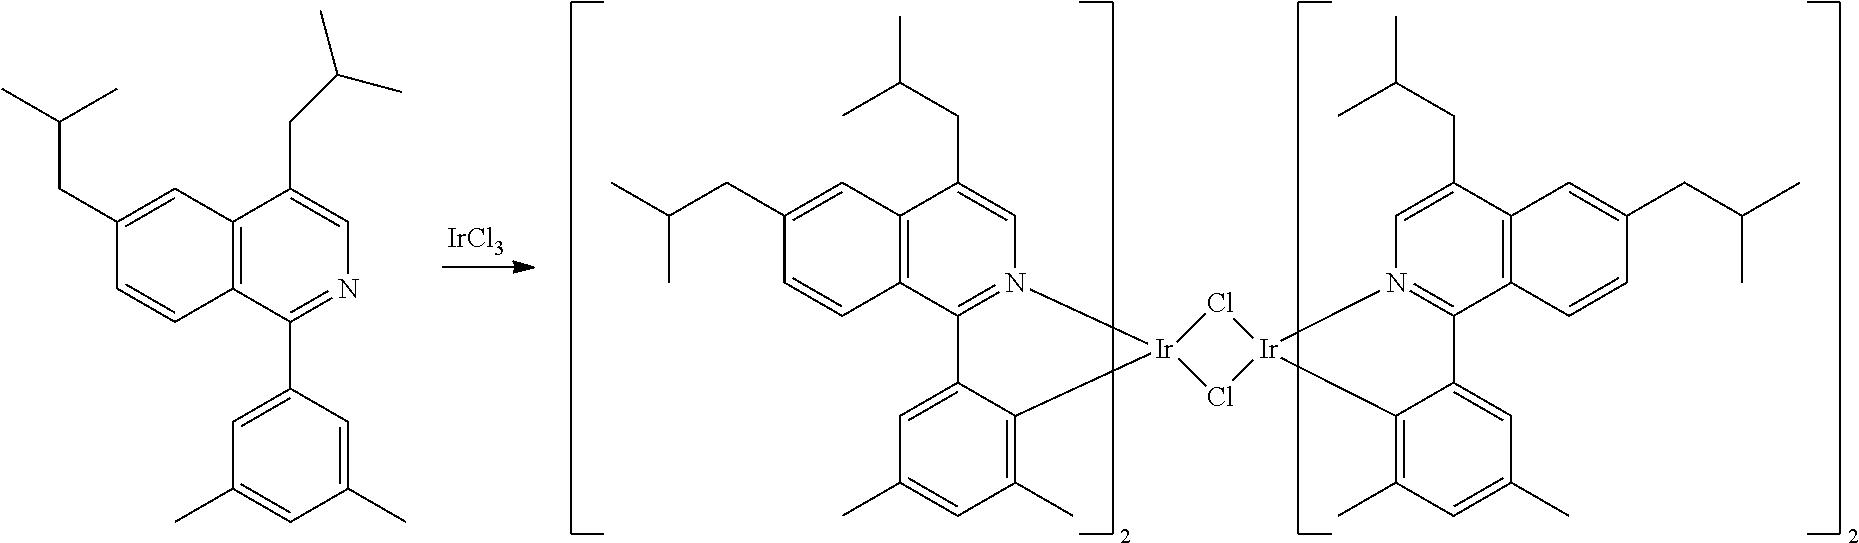 Figure US09512355-20161206-C00240